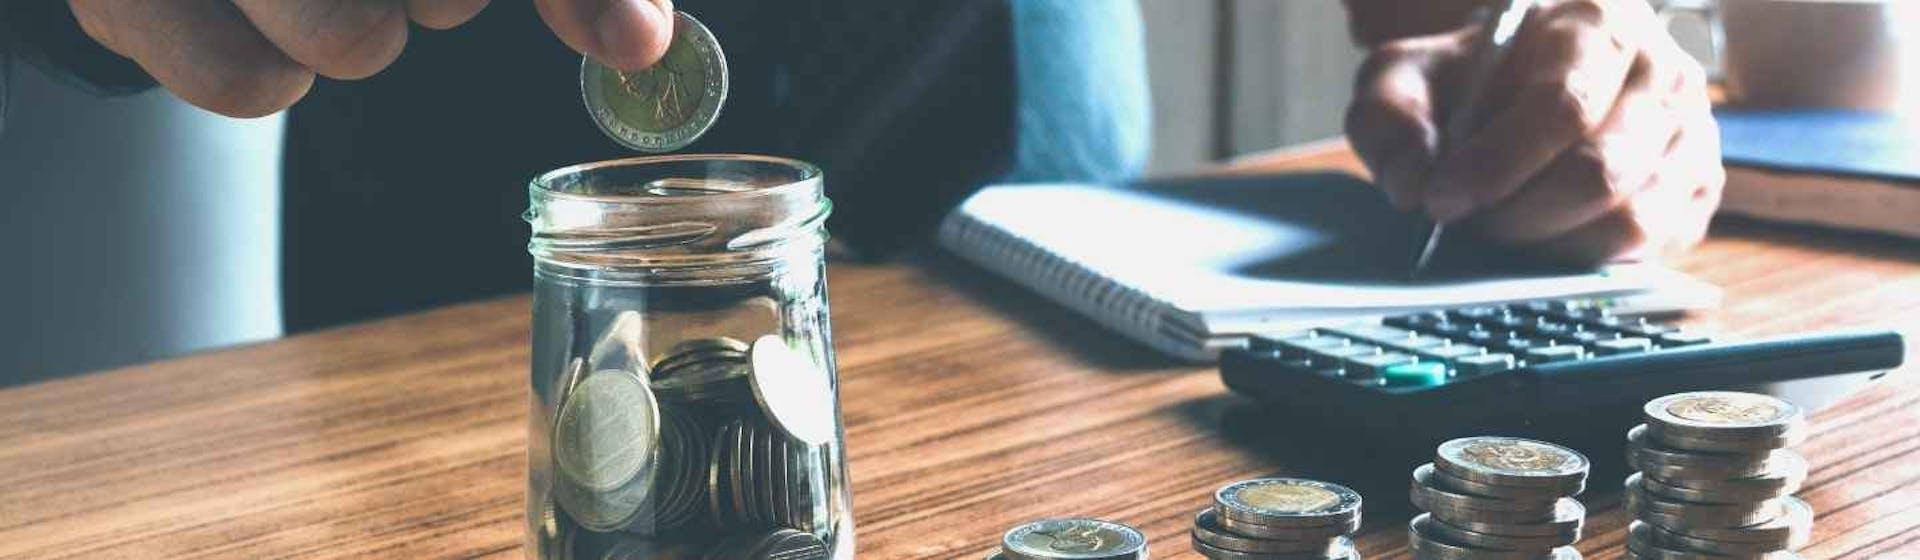 15 métodos de ahorro de dinero que te salvarán de las deudas